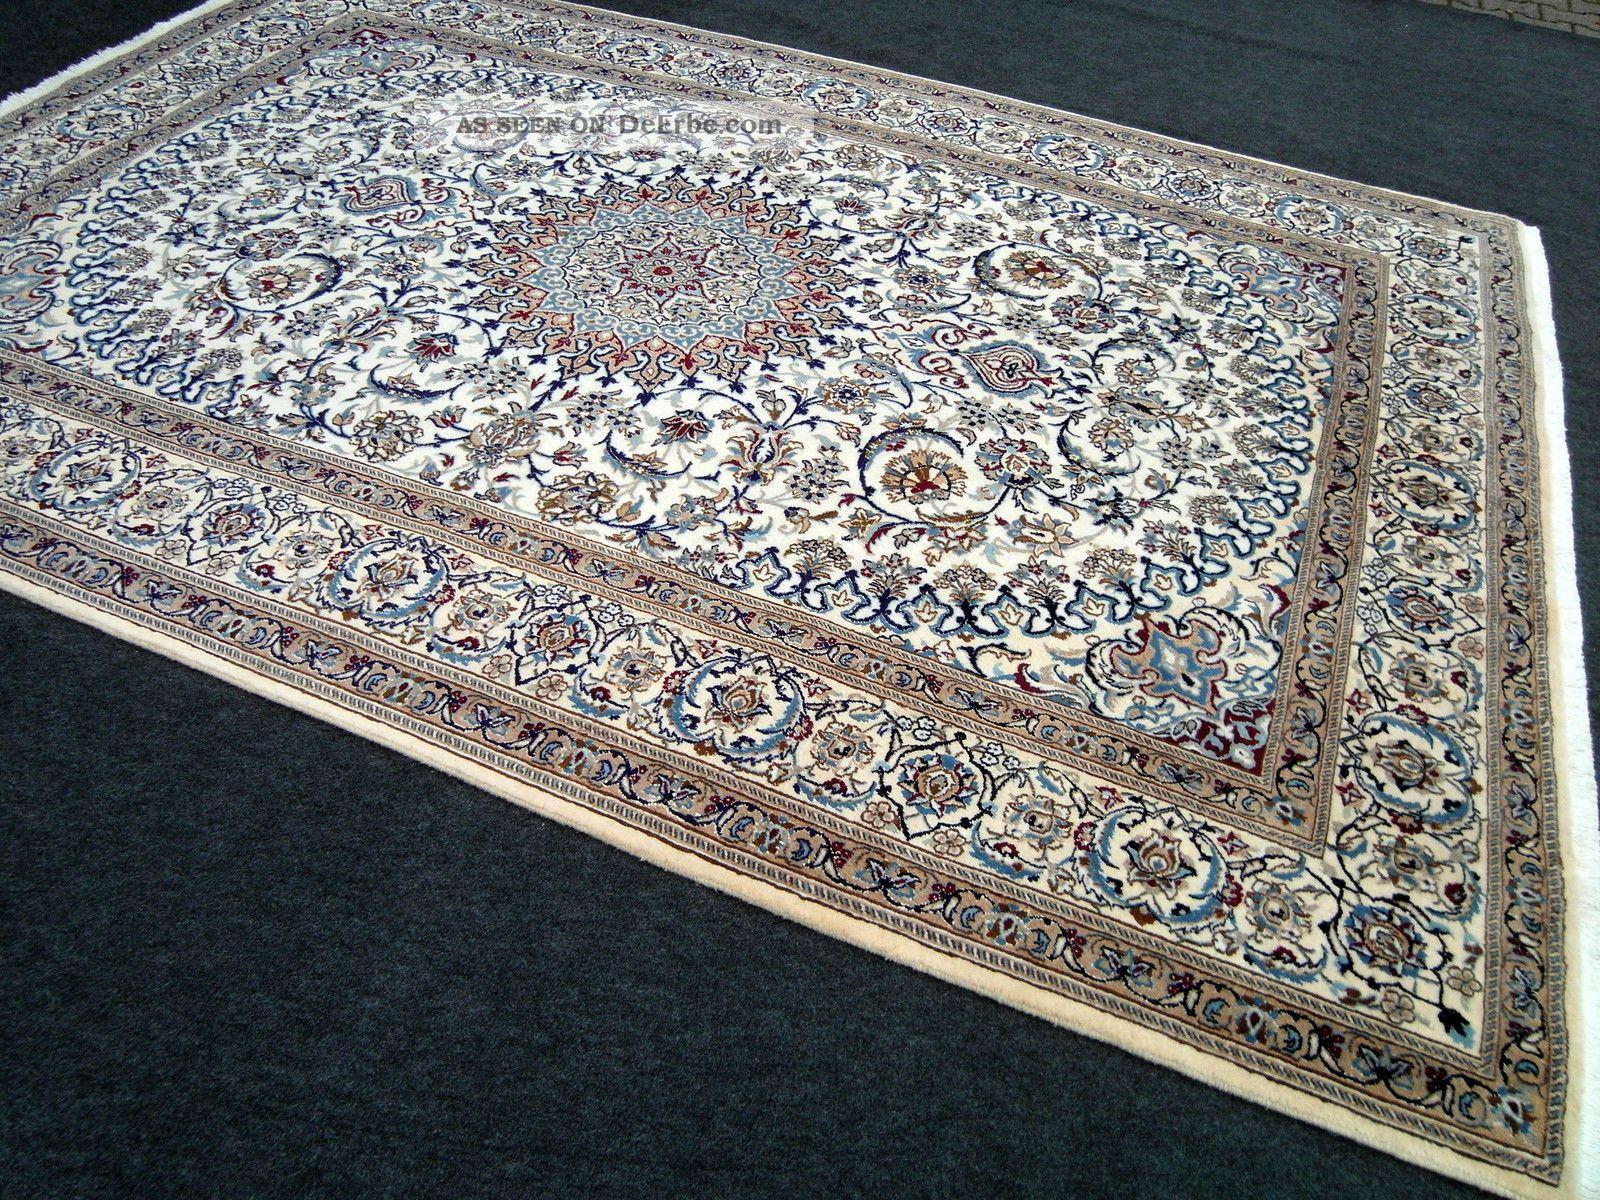 Orientteppich blau  Feiner Orient Teppich Beige Blau 364 X 249 Cm Perserteppich Seide ...